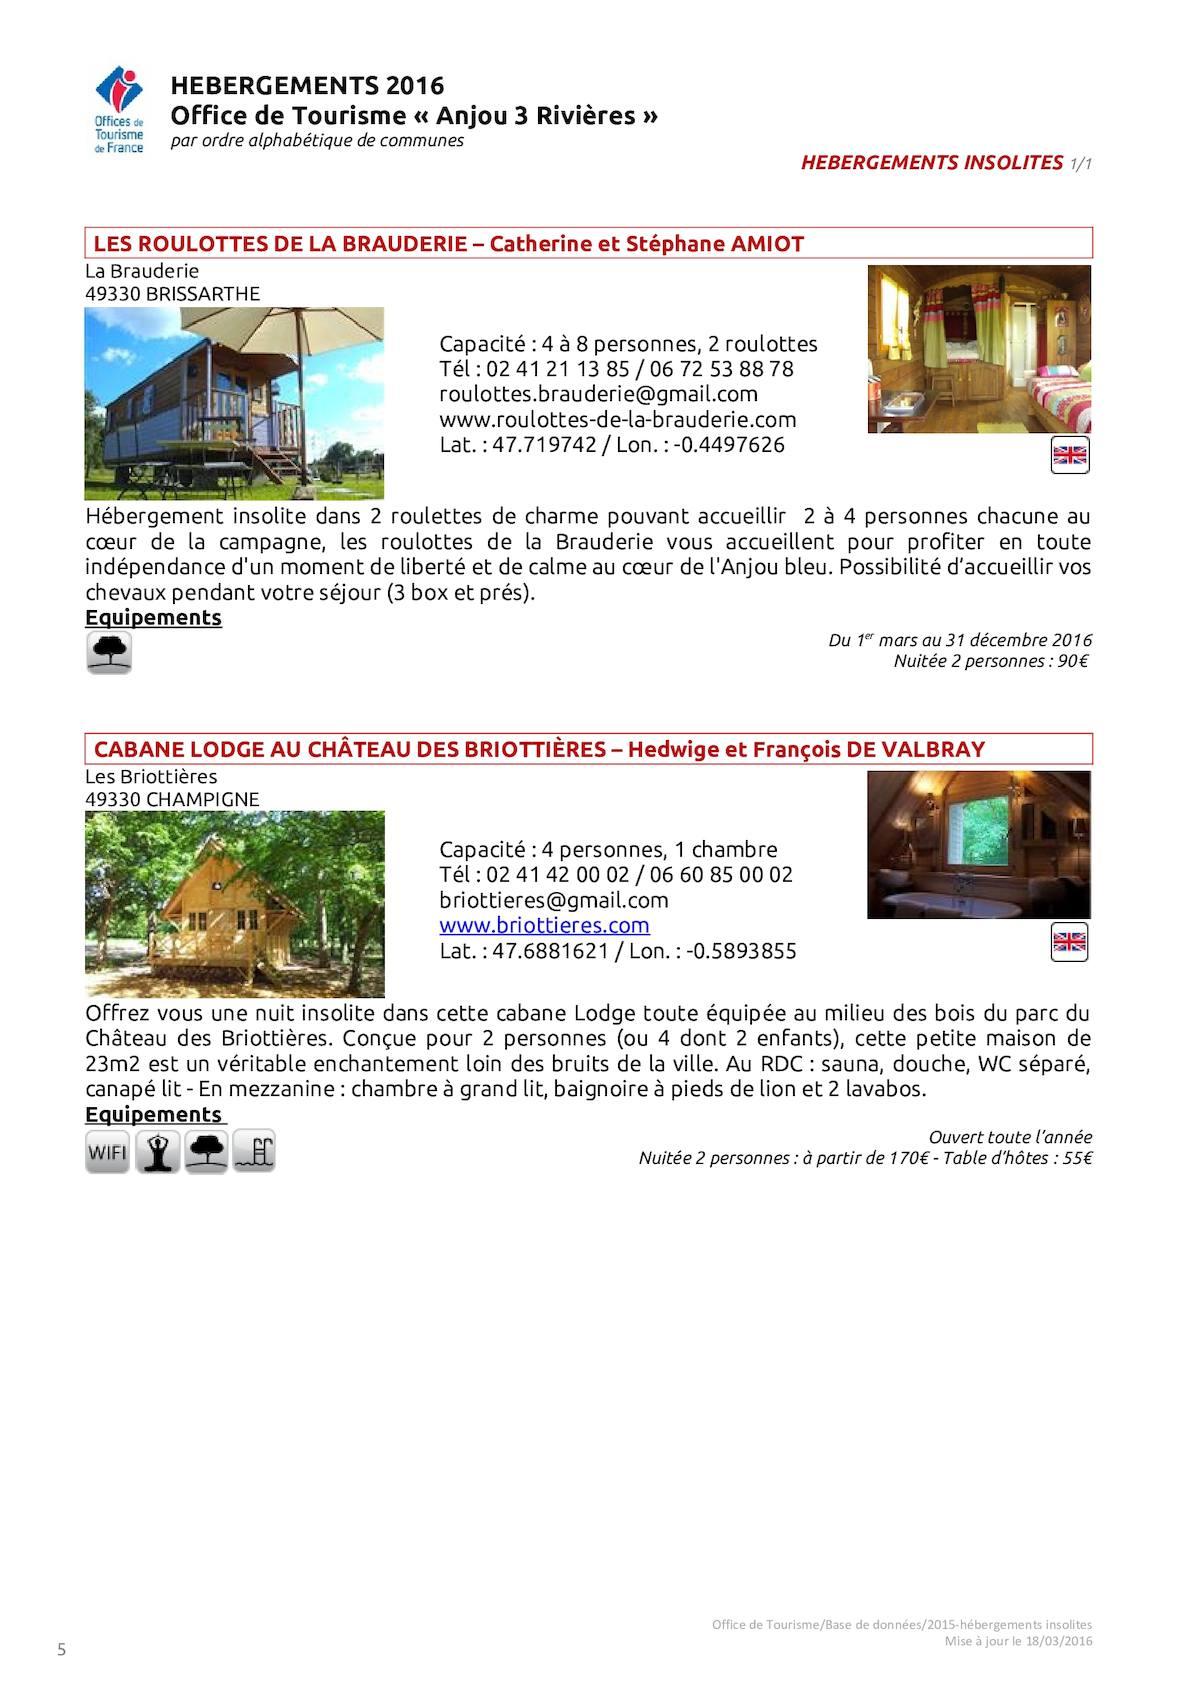 """2016 Hebergements Insolites Office de Tourisme """"Anjou 3 Rivières"""""""